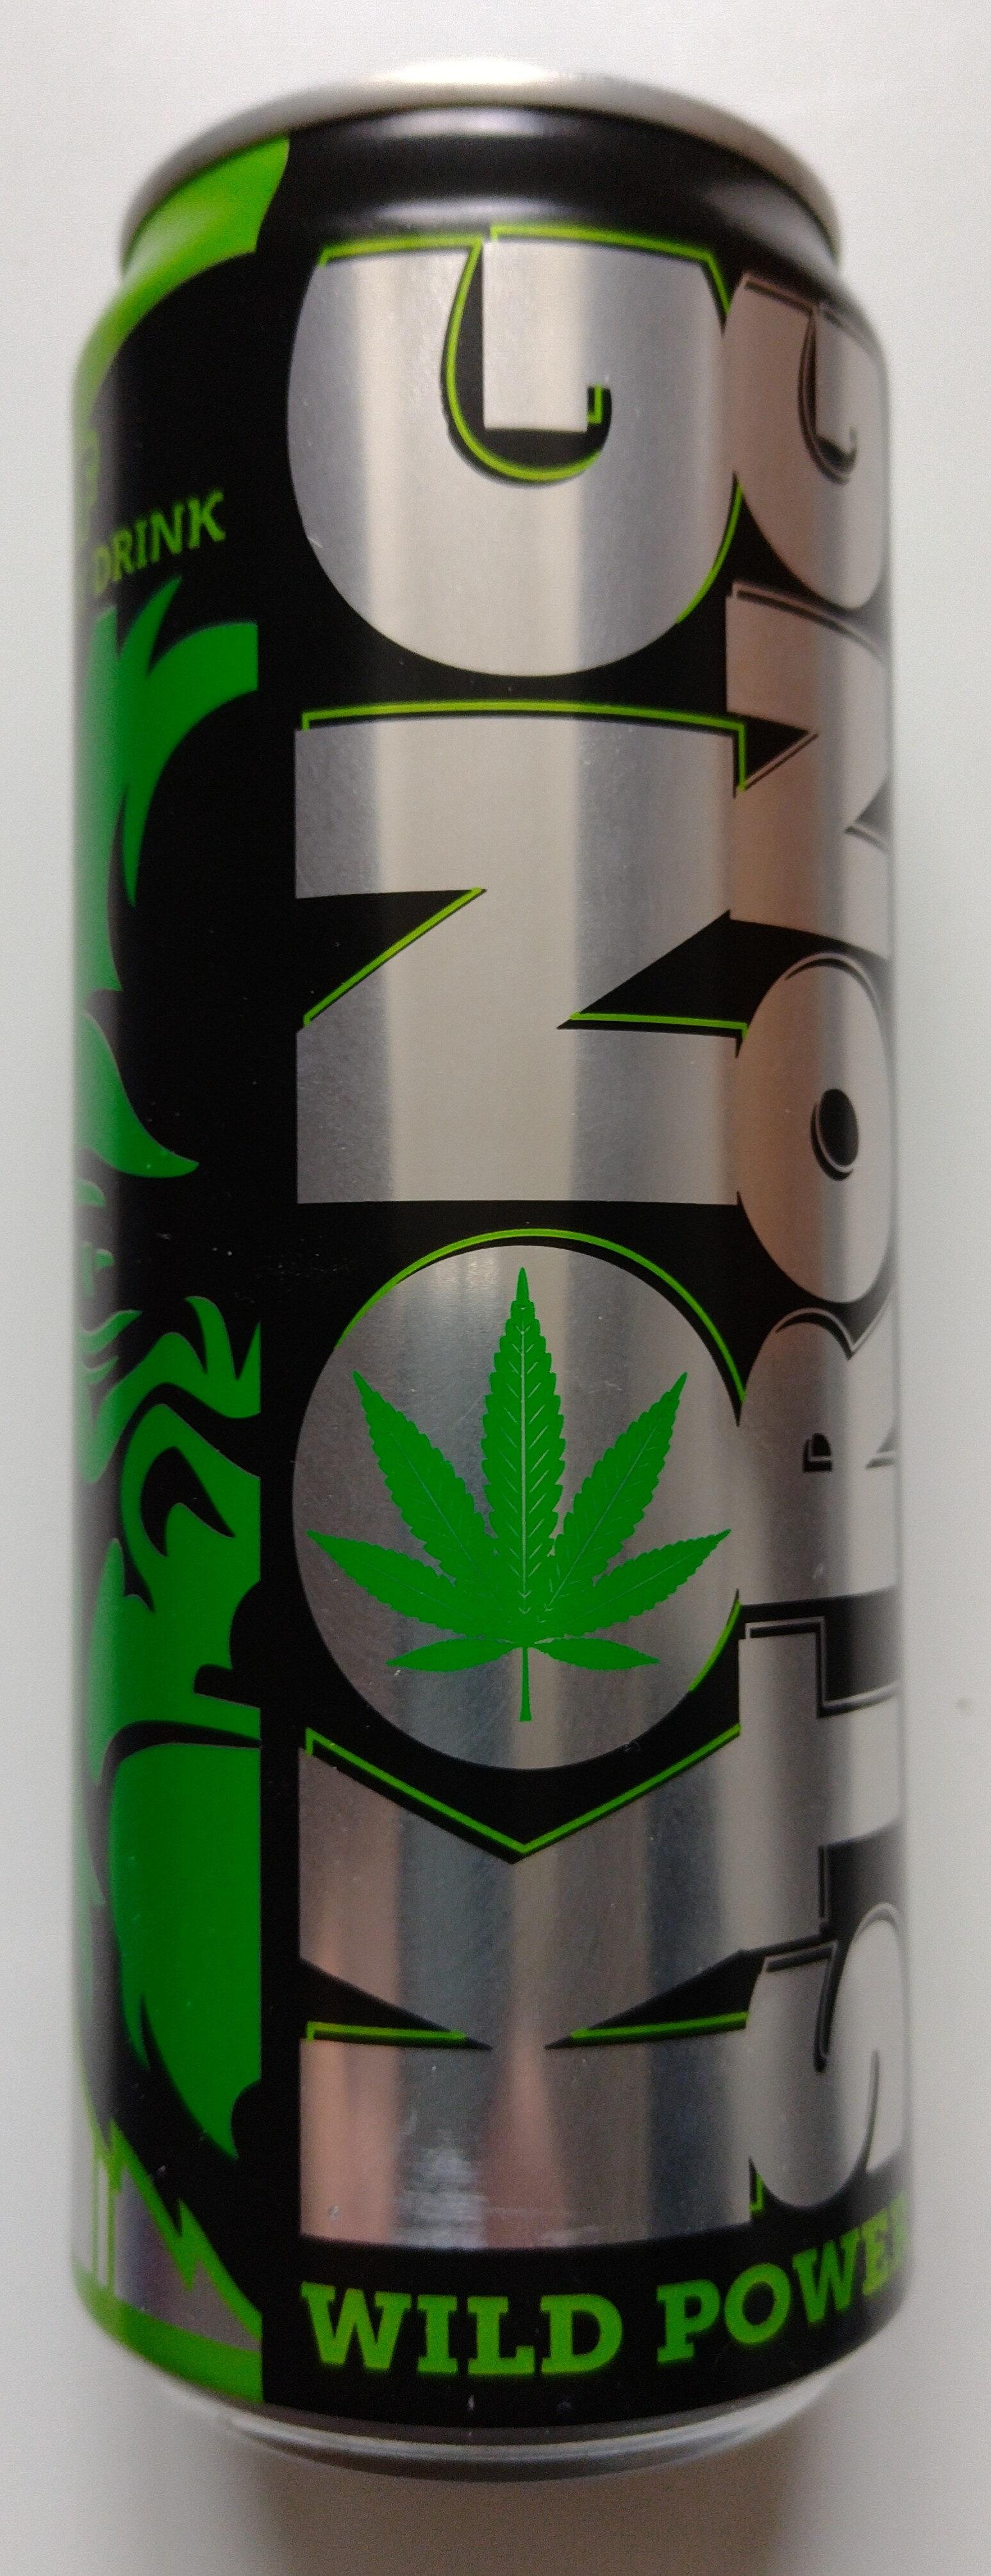 Kong Strong Hanf Energy Drink - Produkt - de